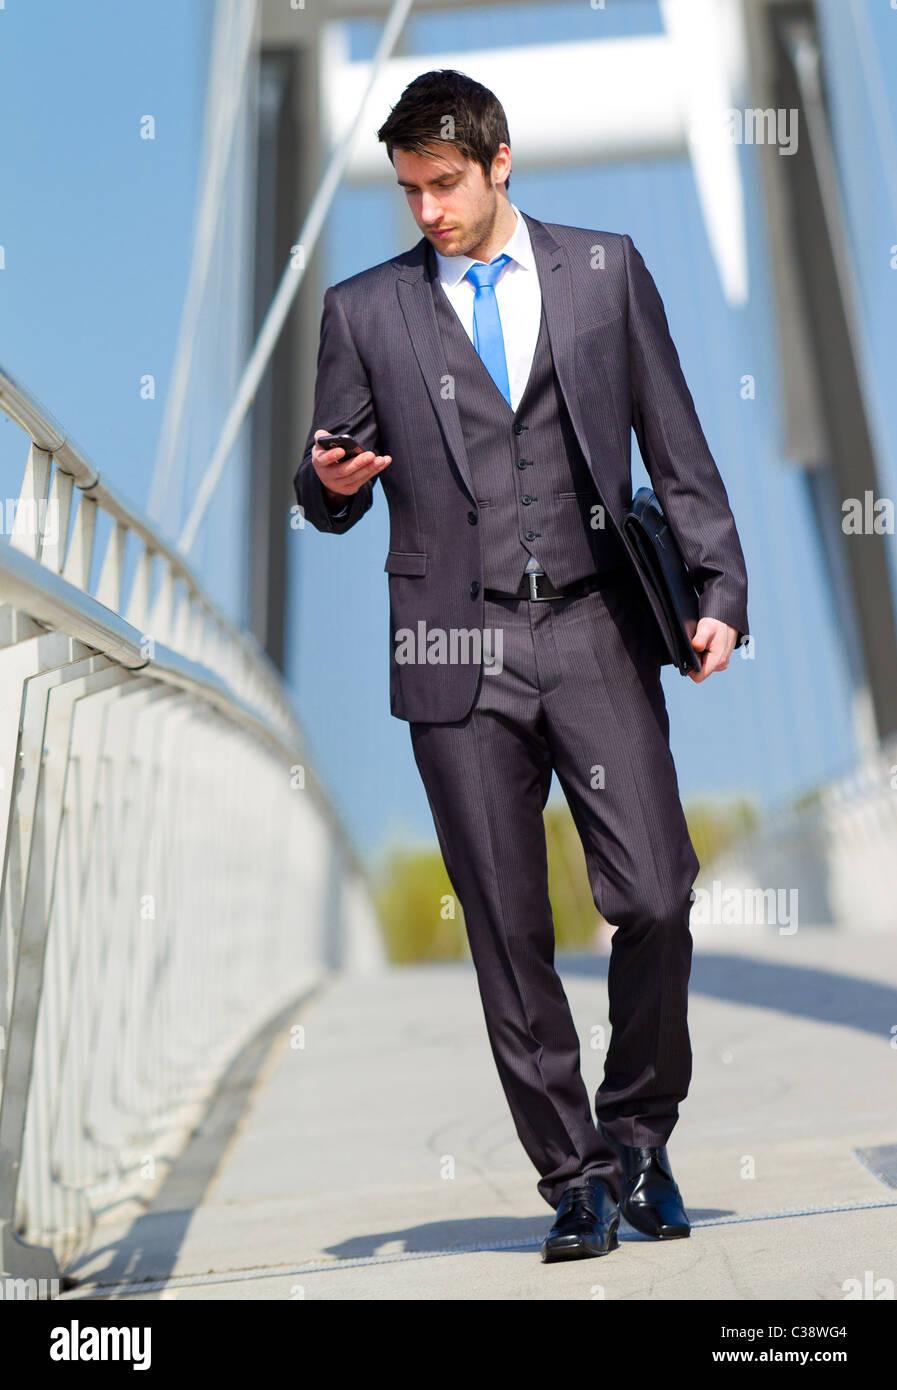 Uomo a camminare guardando al telefono Immagini Stock